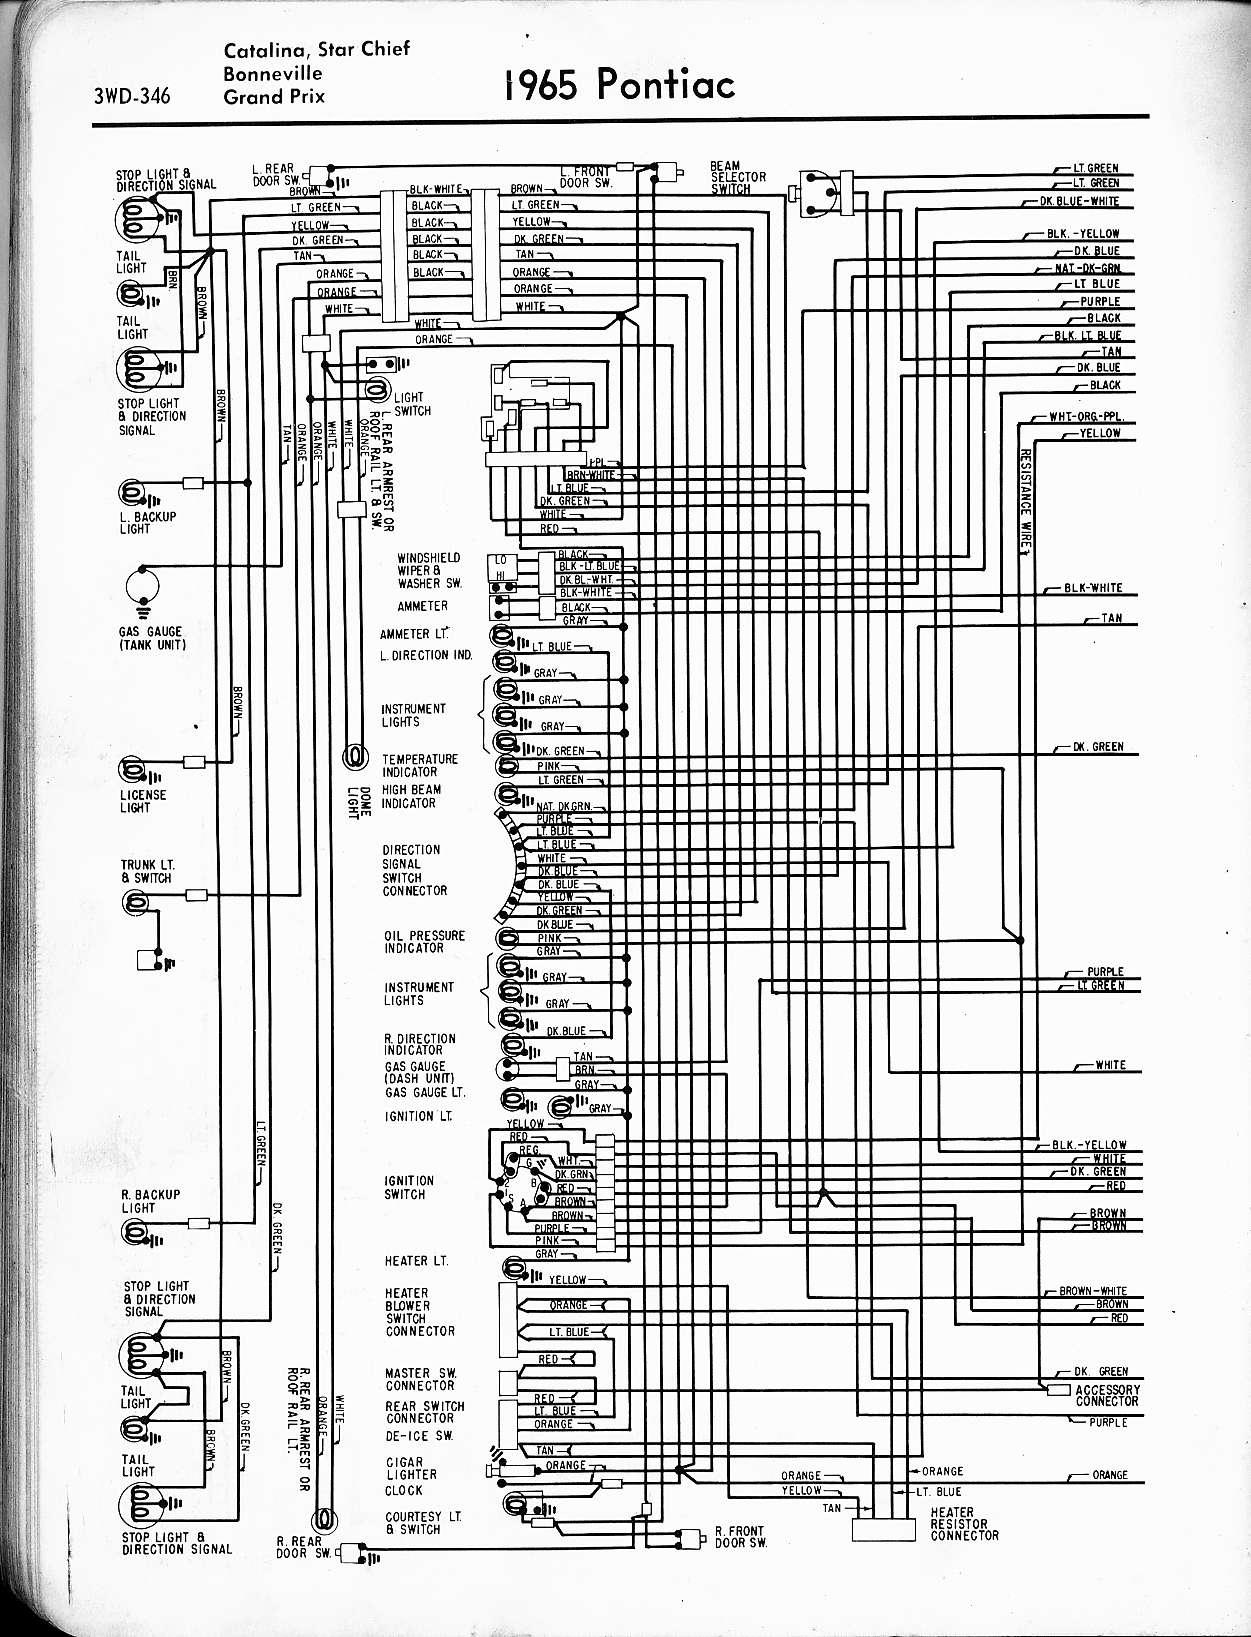 1955 pontiac wiring diagram wiring free printable wiring diagrams